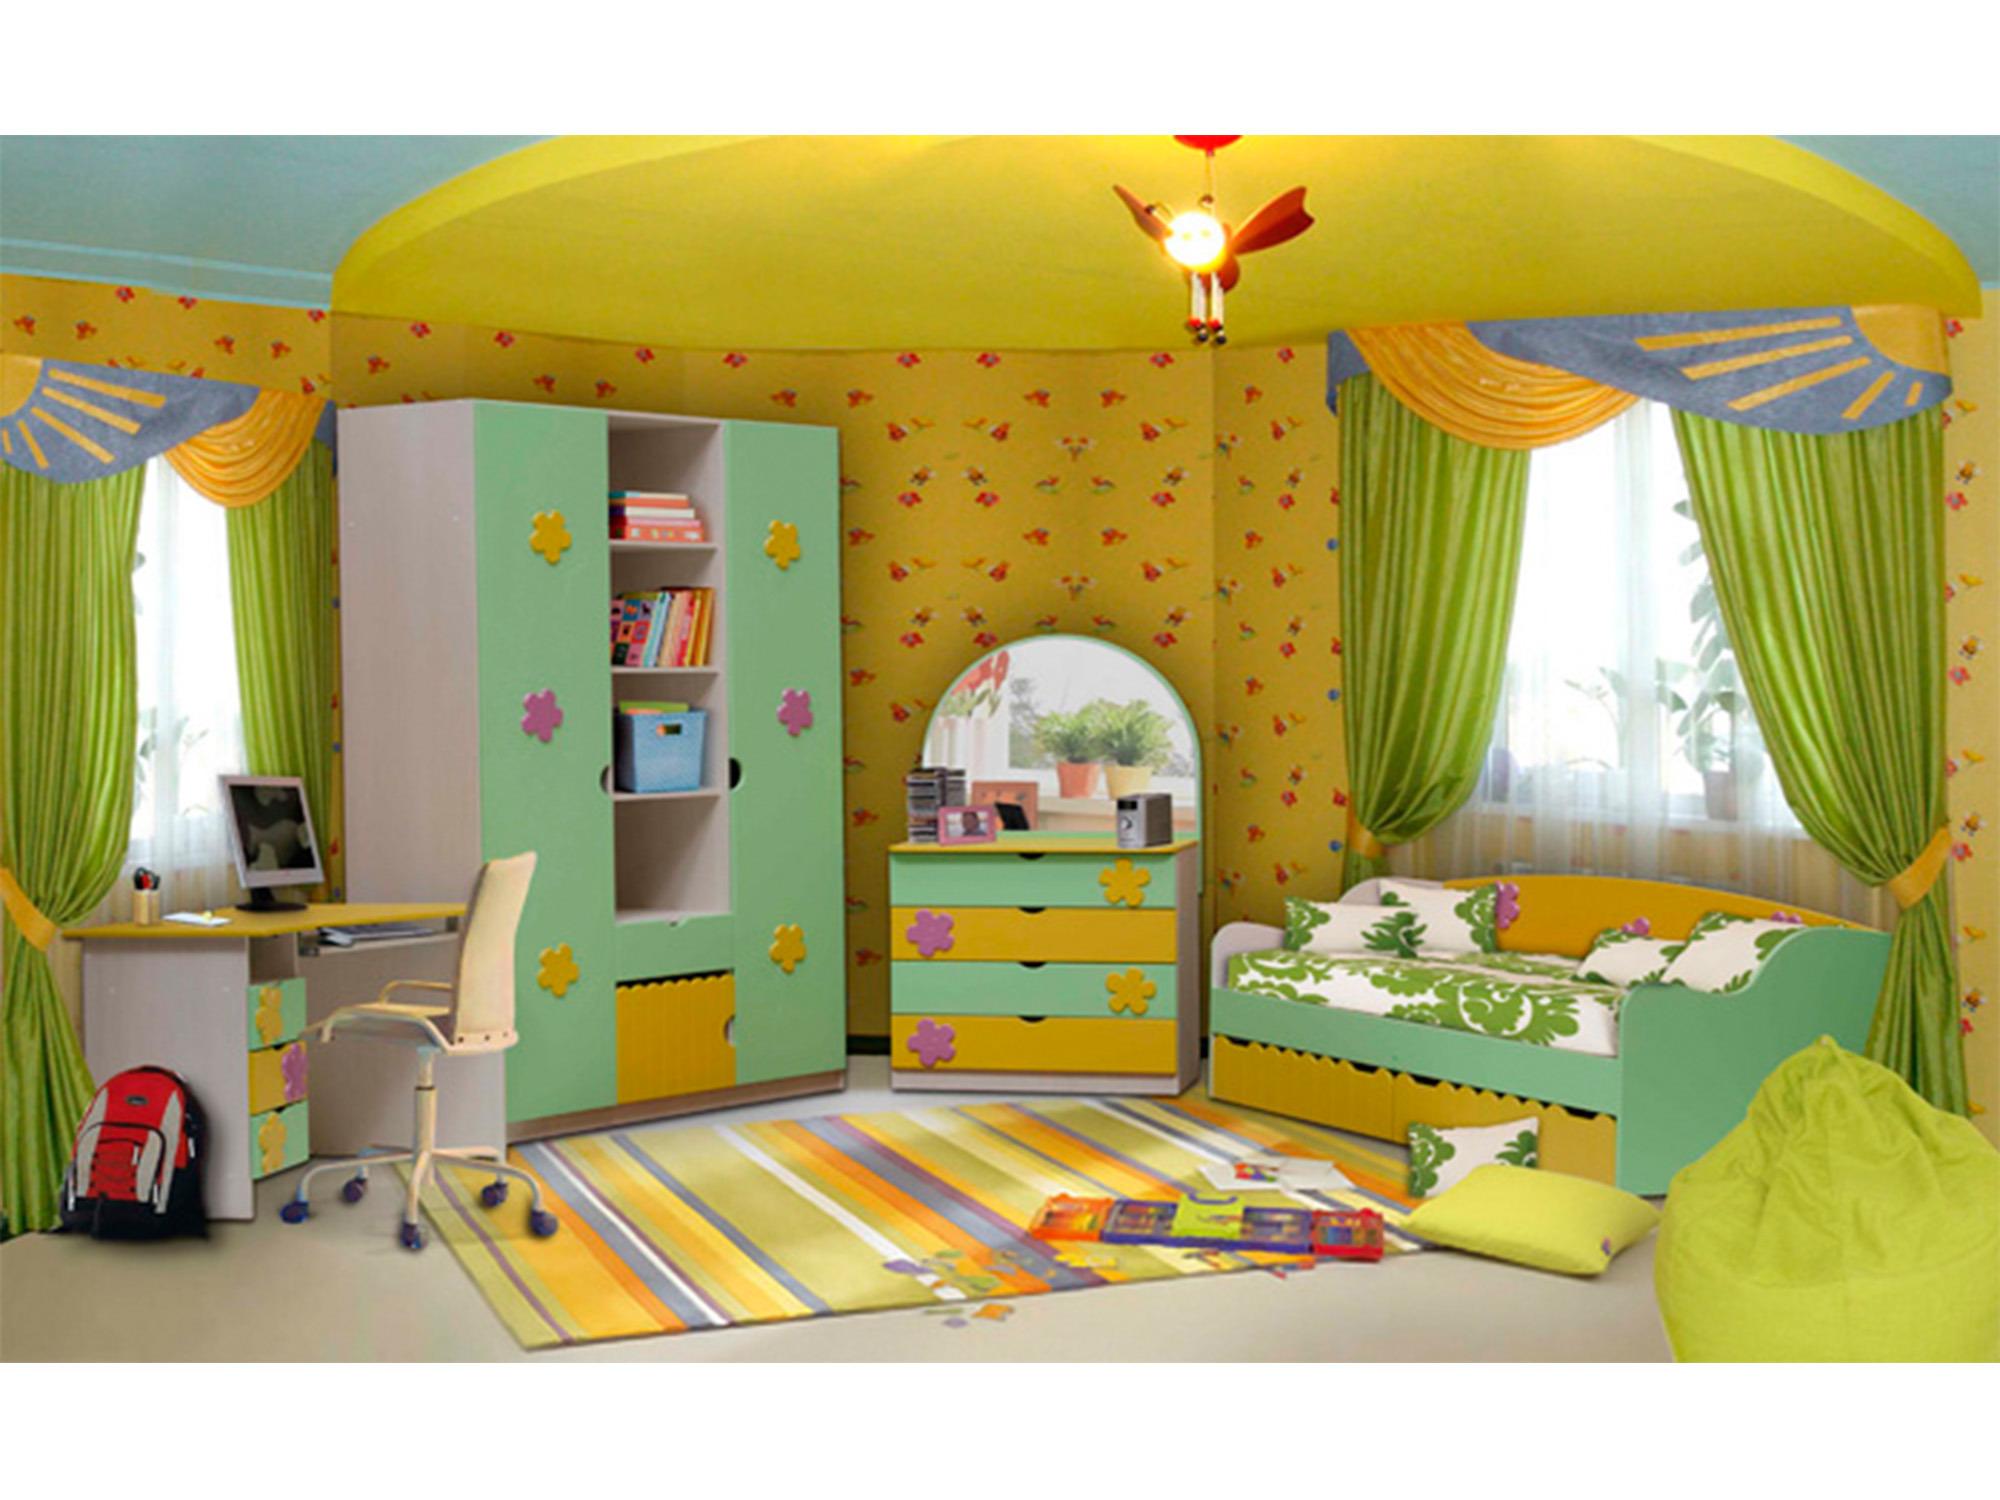 Спальный гарнитур ЦветочекДетские комнаты<br><br><br>Длина мм: 3665<br>Высота мм: 2200<br>Глубина мм: 580